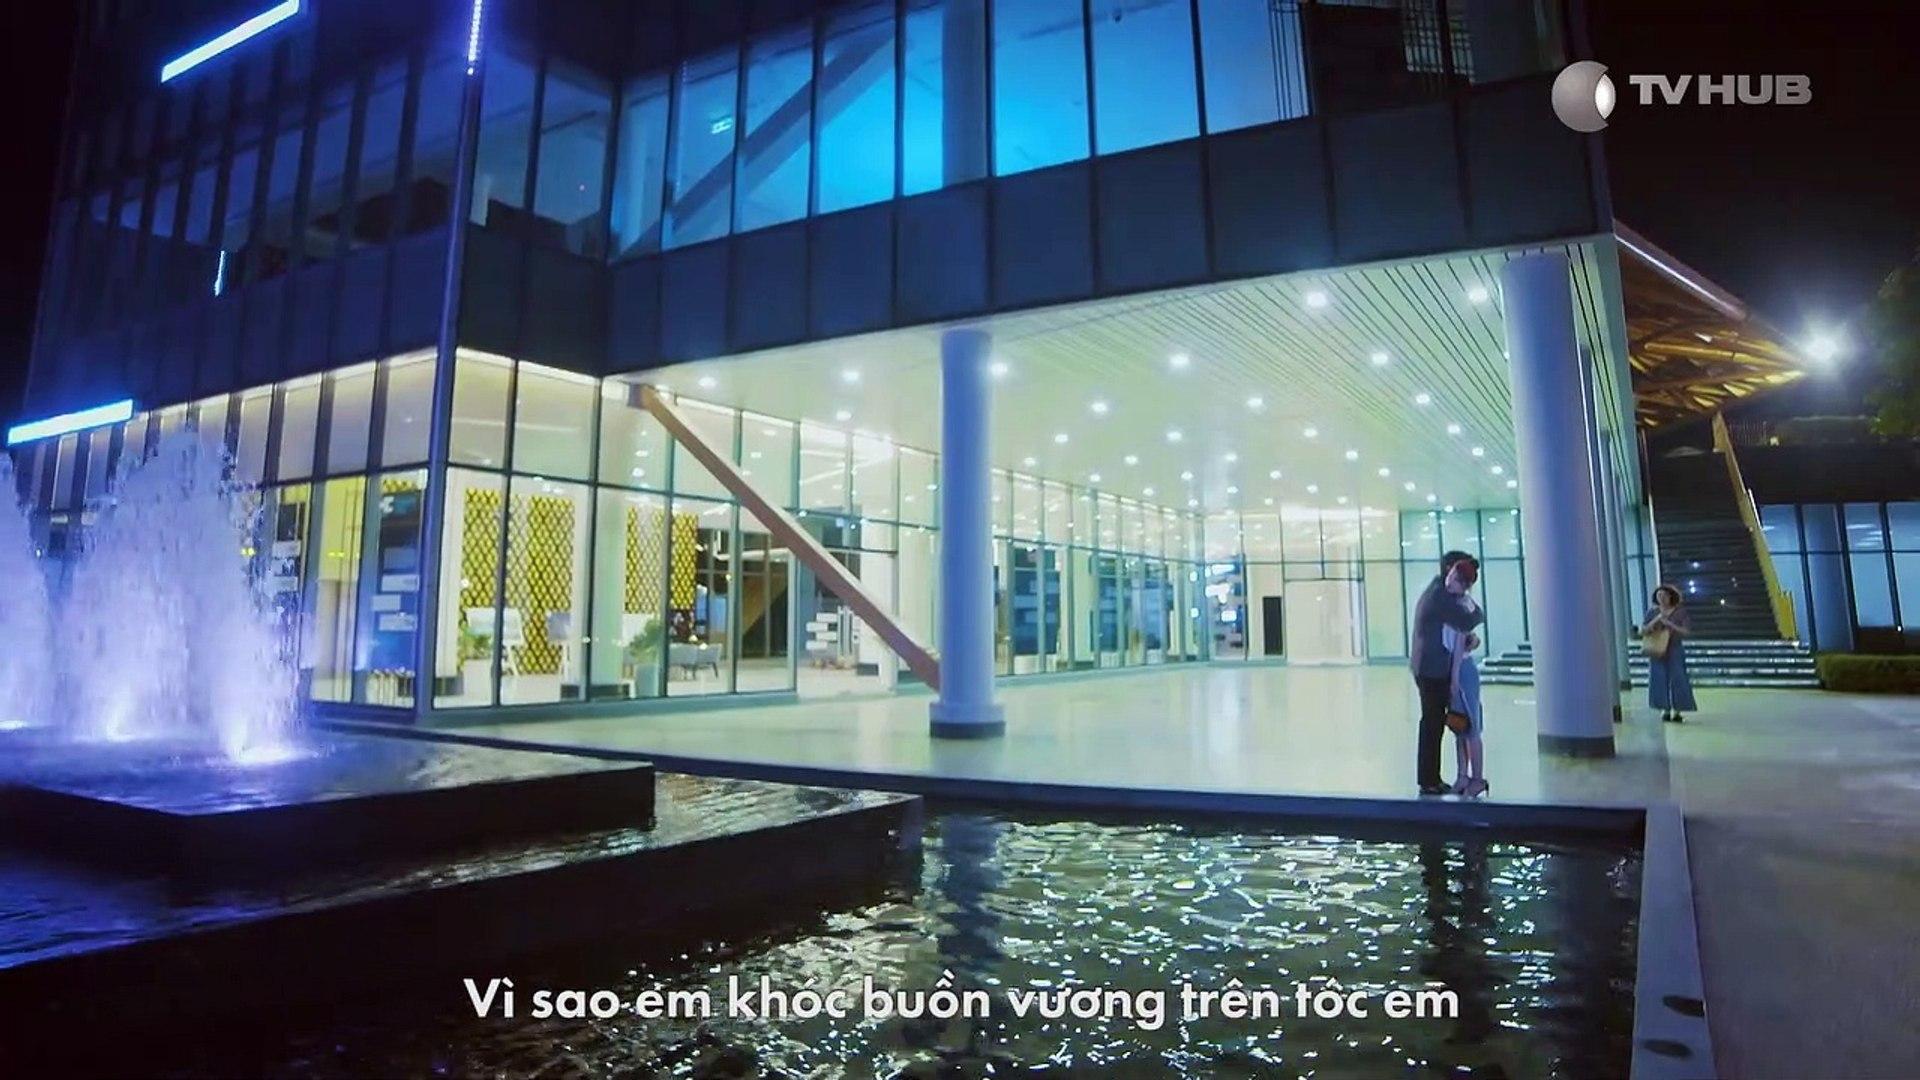 Yêu Thương Nào Cho Tôi (Mối Tình Đầu Của Tôi OST) - Dư Quốc Vương - OFFICIAL MV